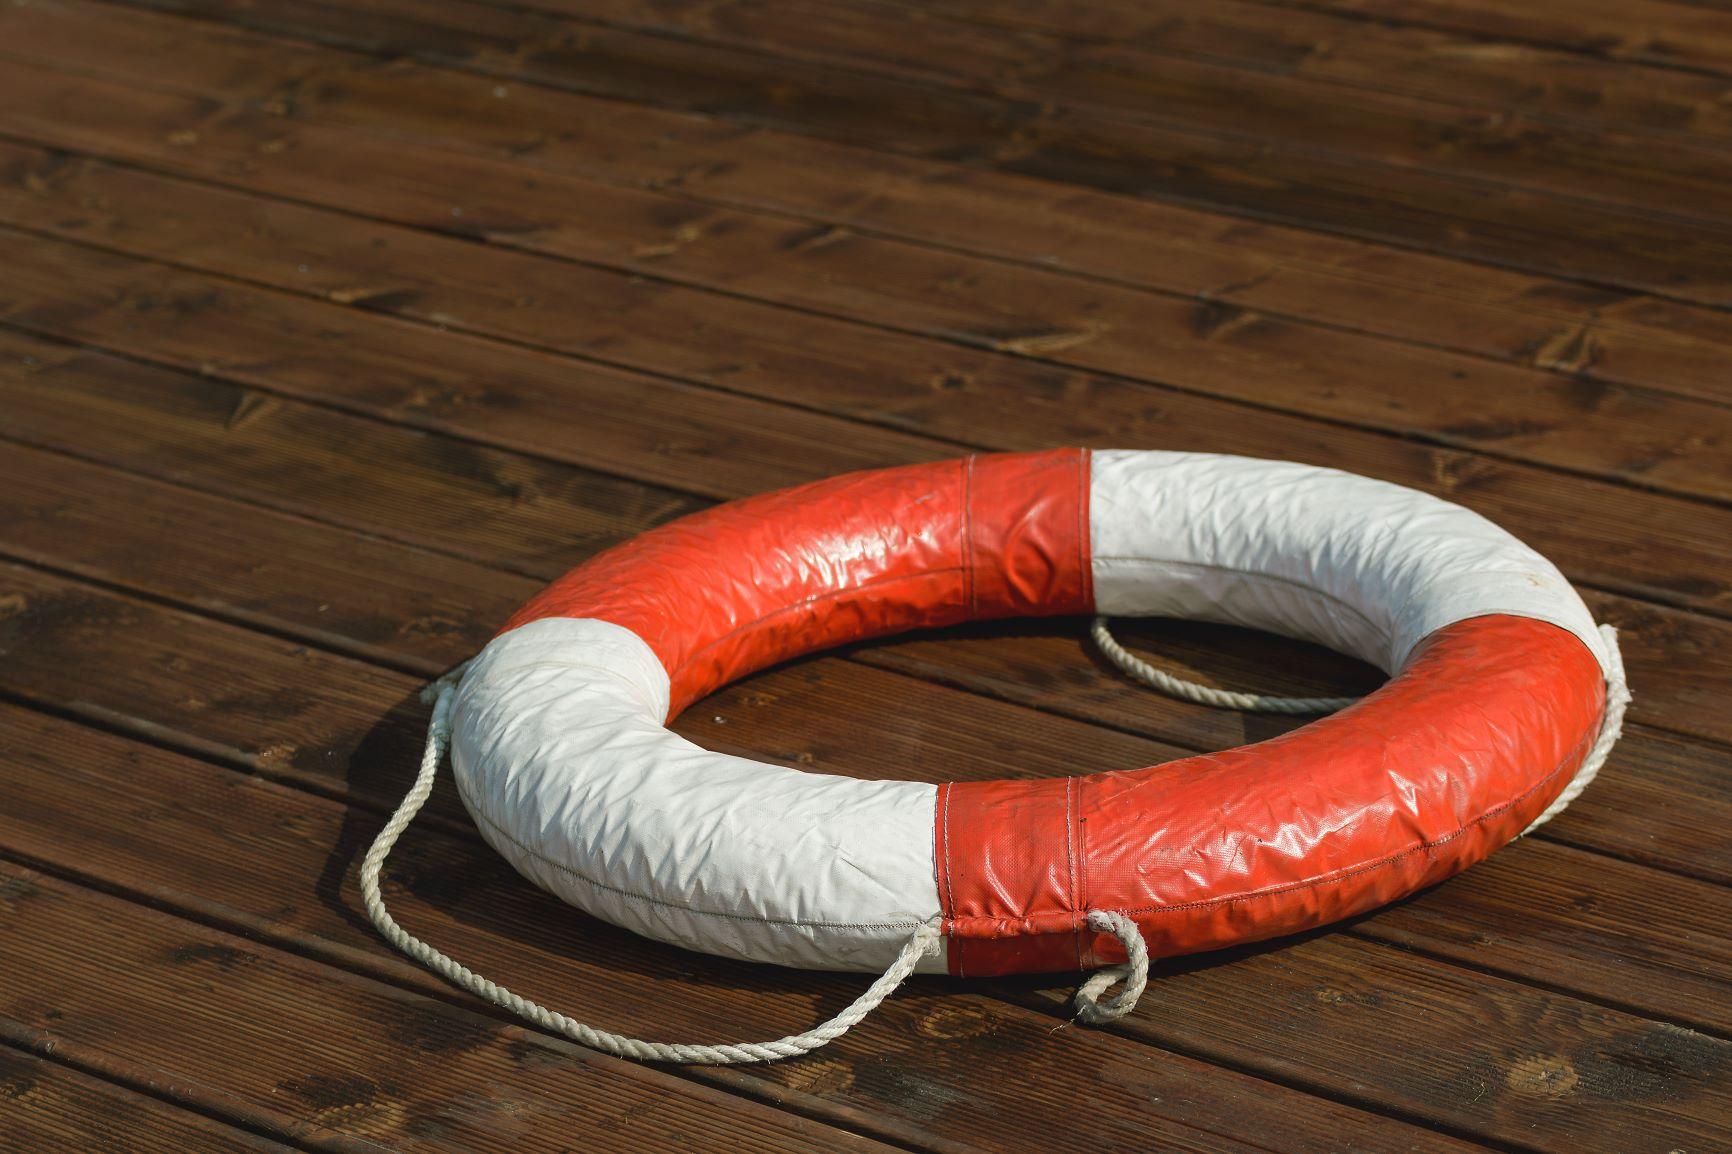 Koła ratunkowe – czyli strategie radzenia sobie w trudnych chwilach